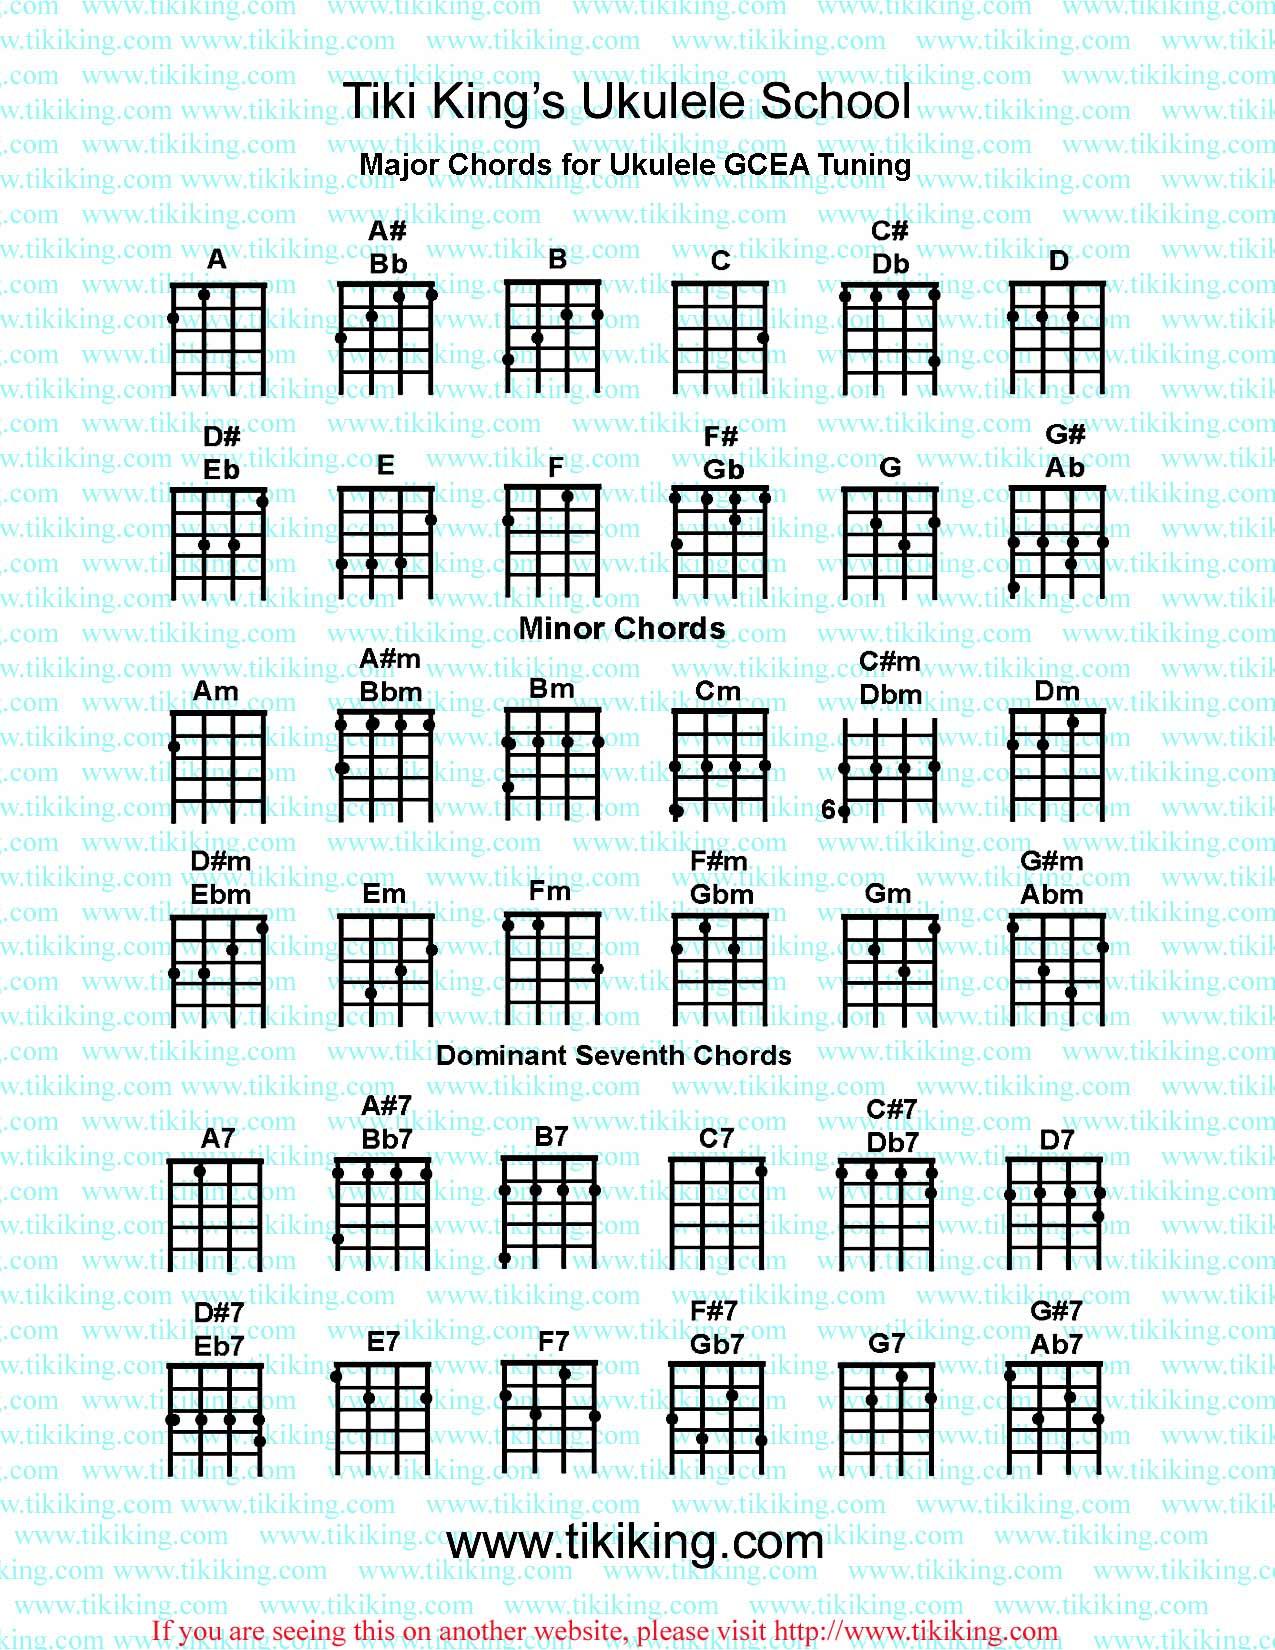 Ukulele Chord Chart Tiki Kings Ukulele Chord Chart 1